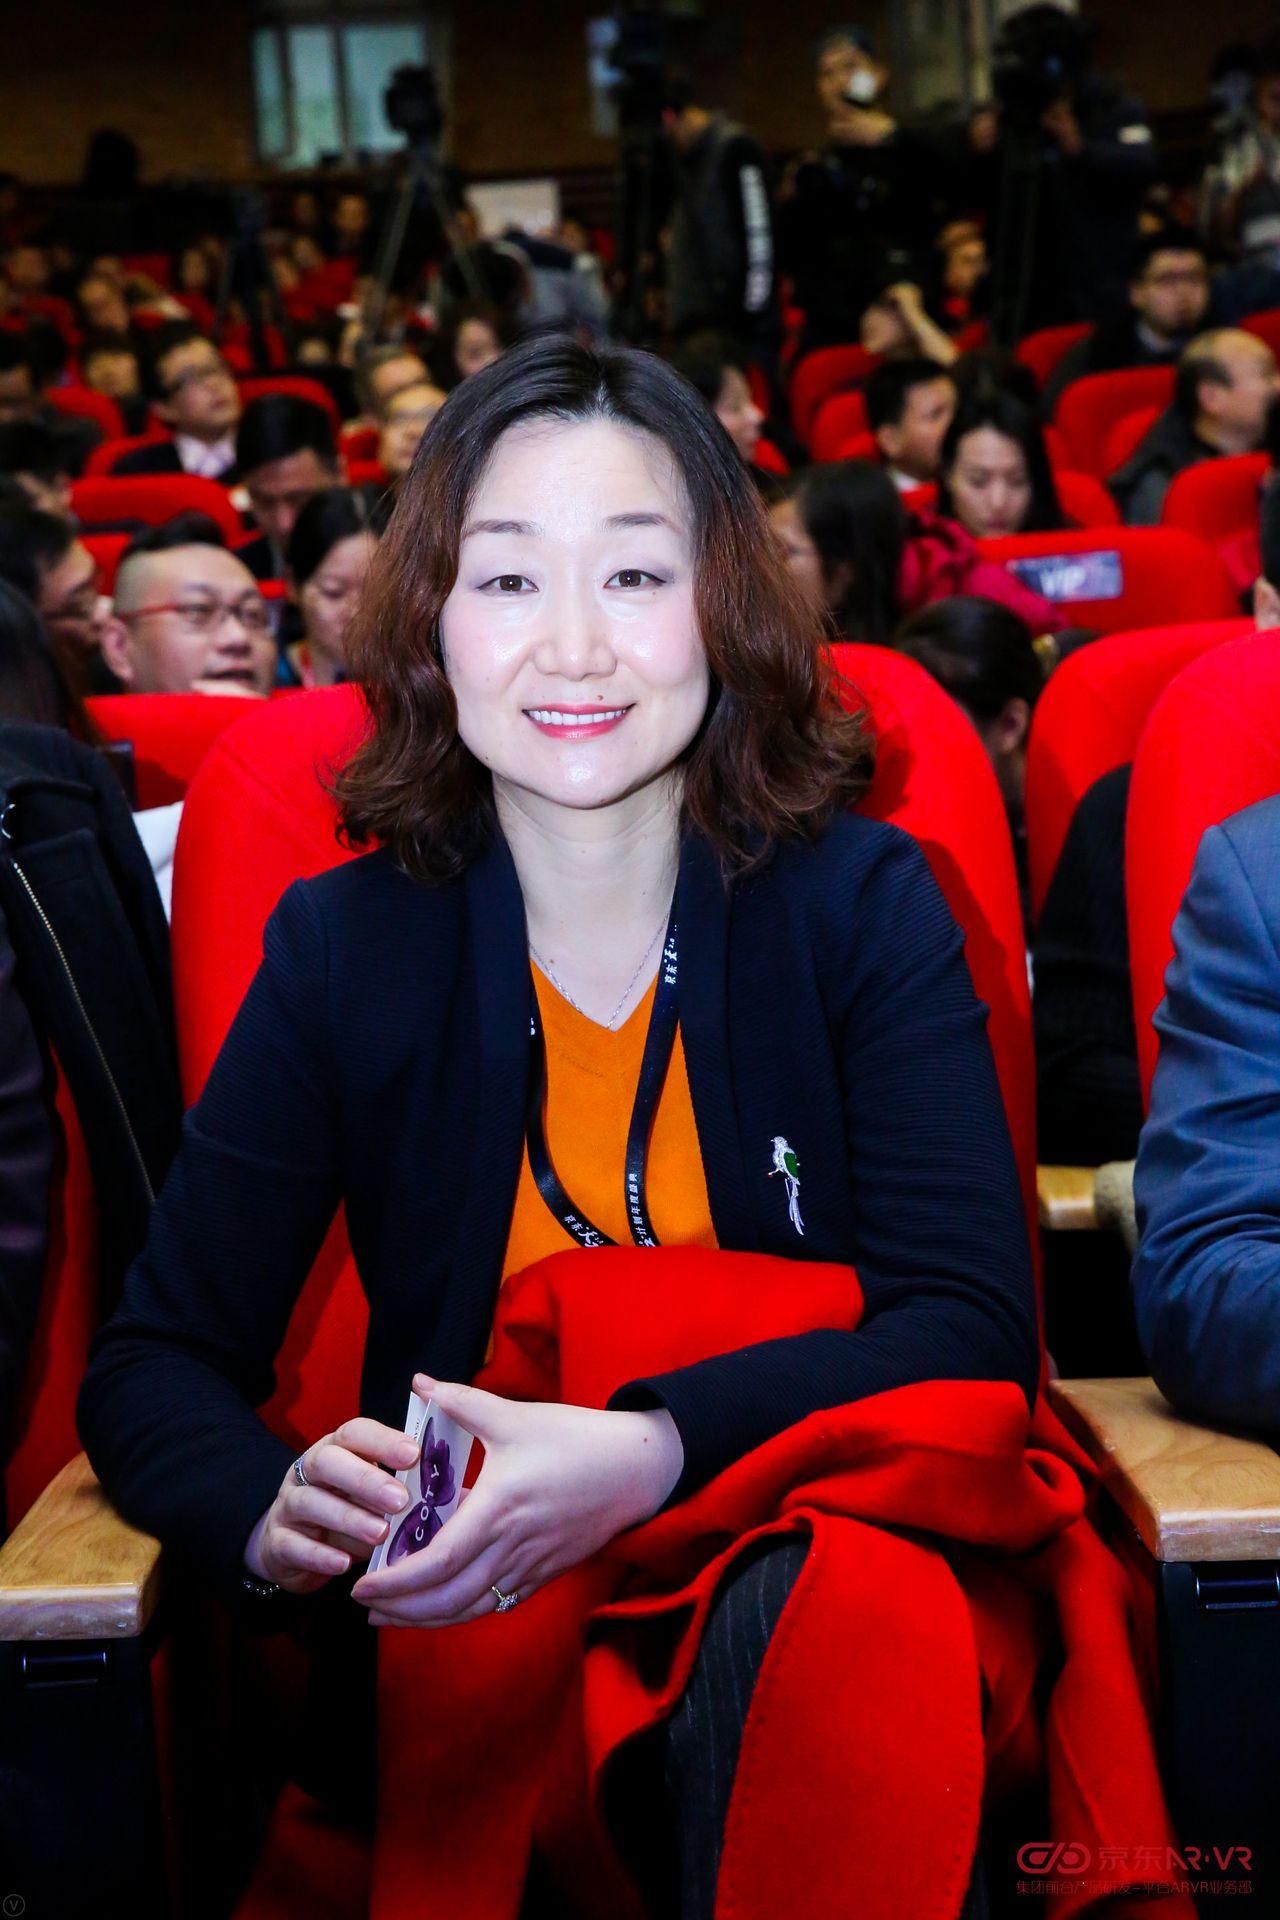 环球网专访科蒂集团大众化妆品事业部大中华区总经理Shirley Xue